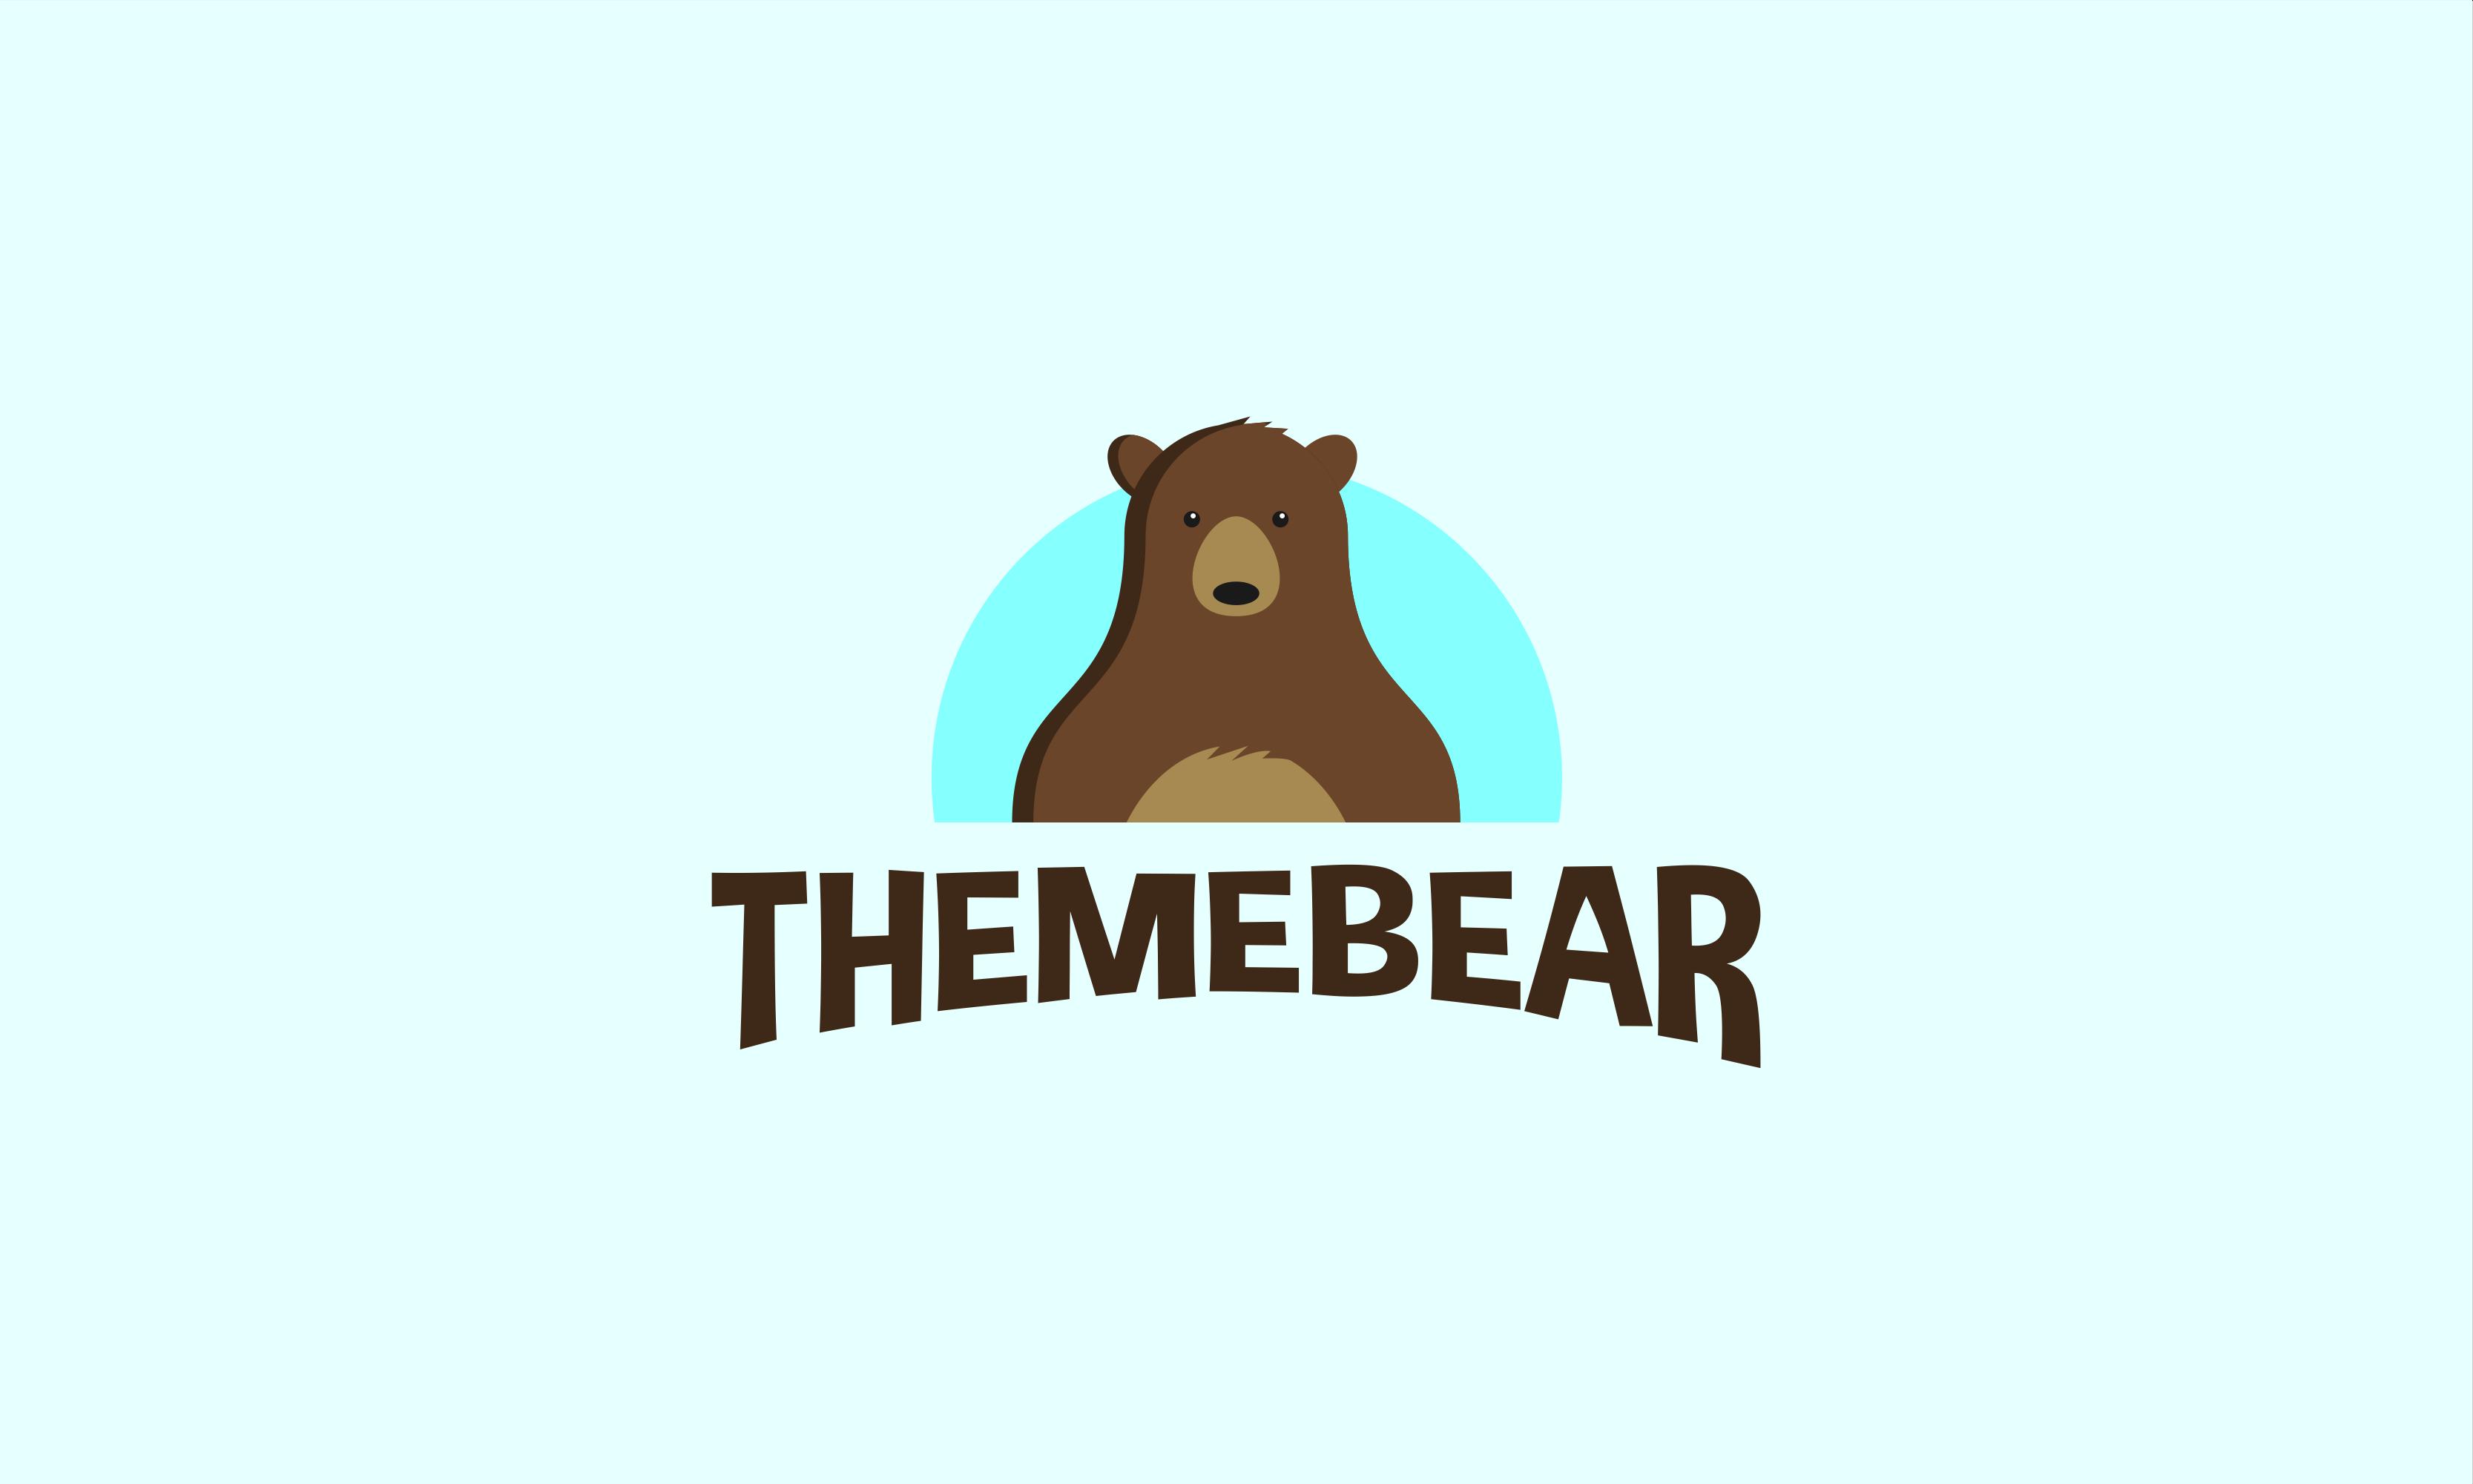 Themebear